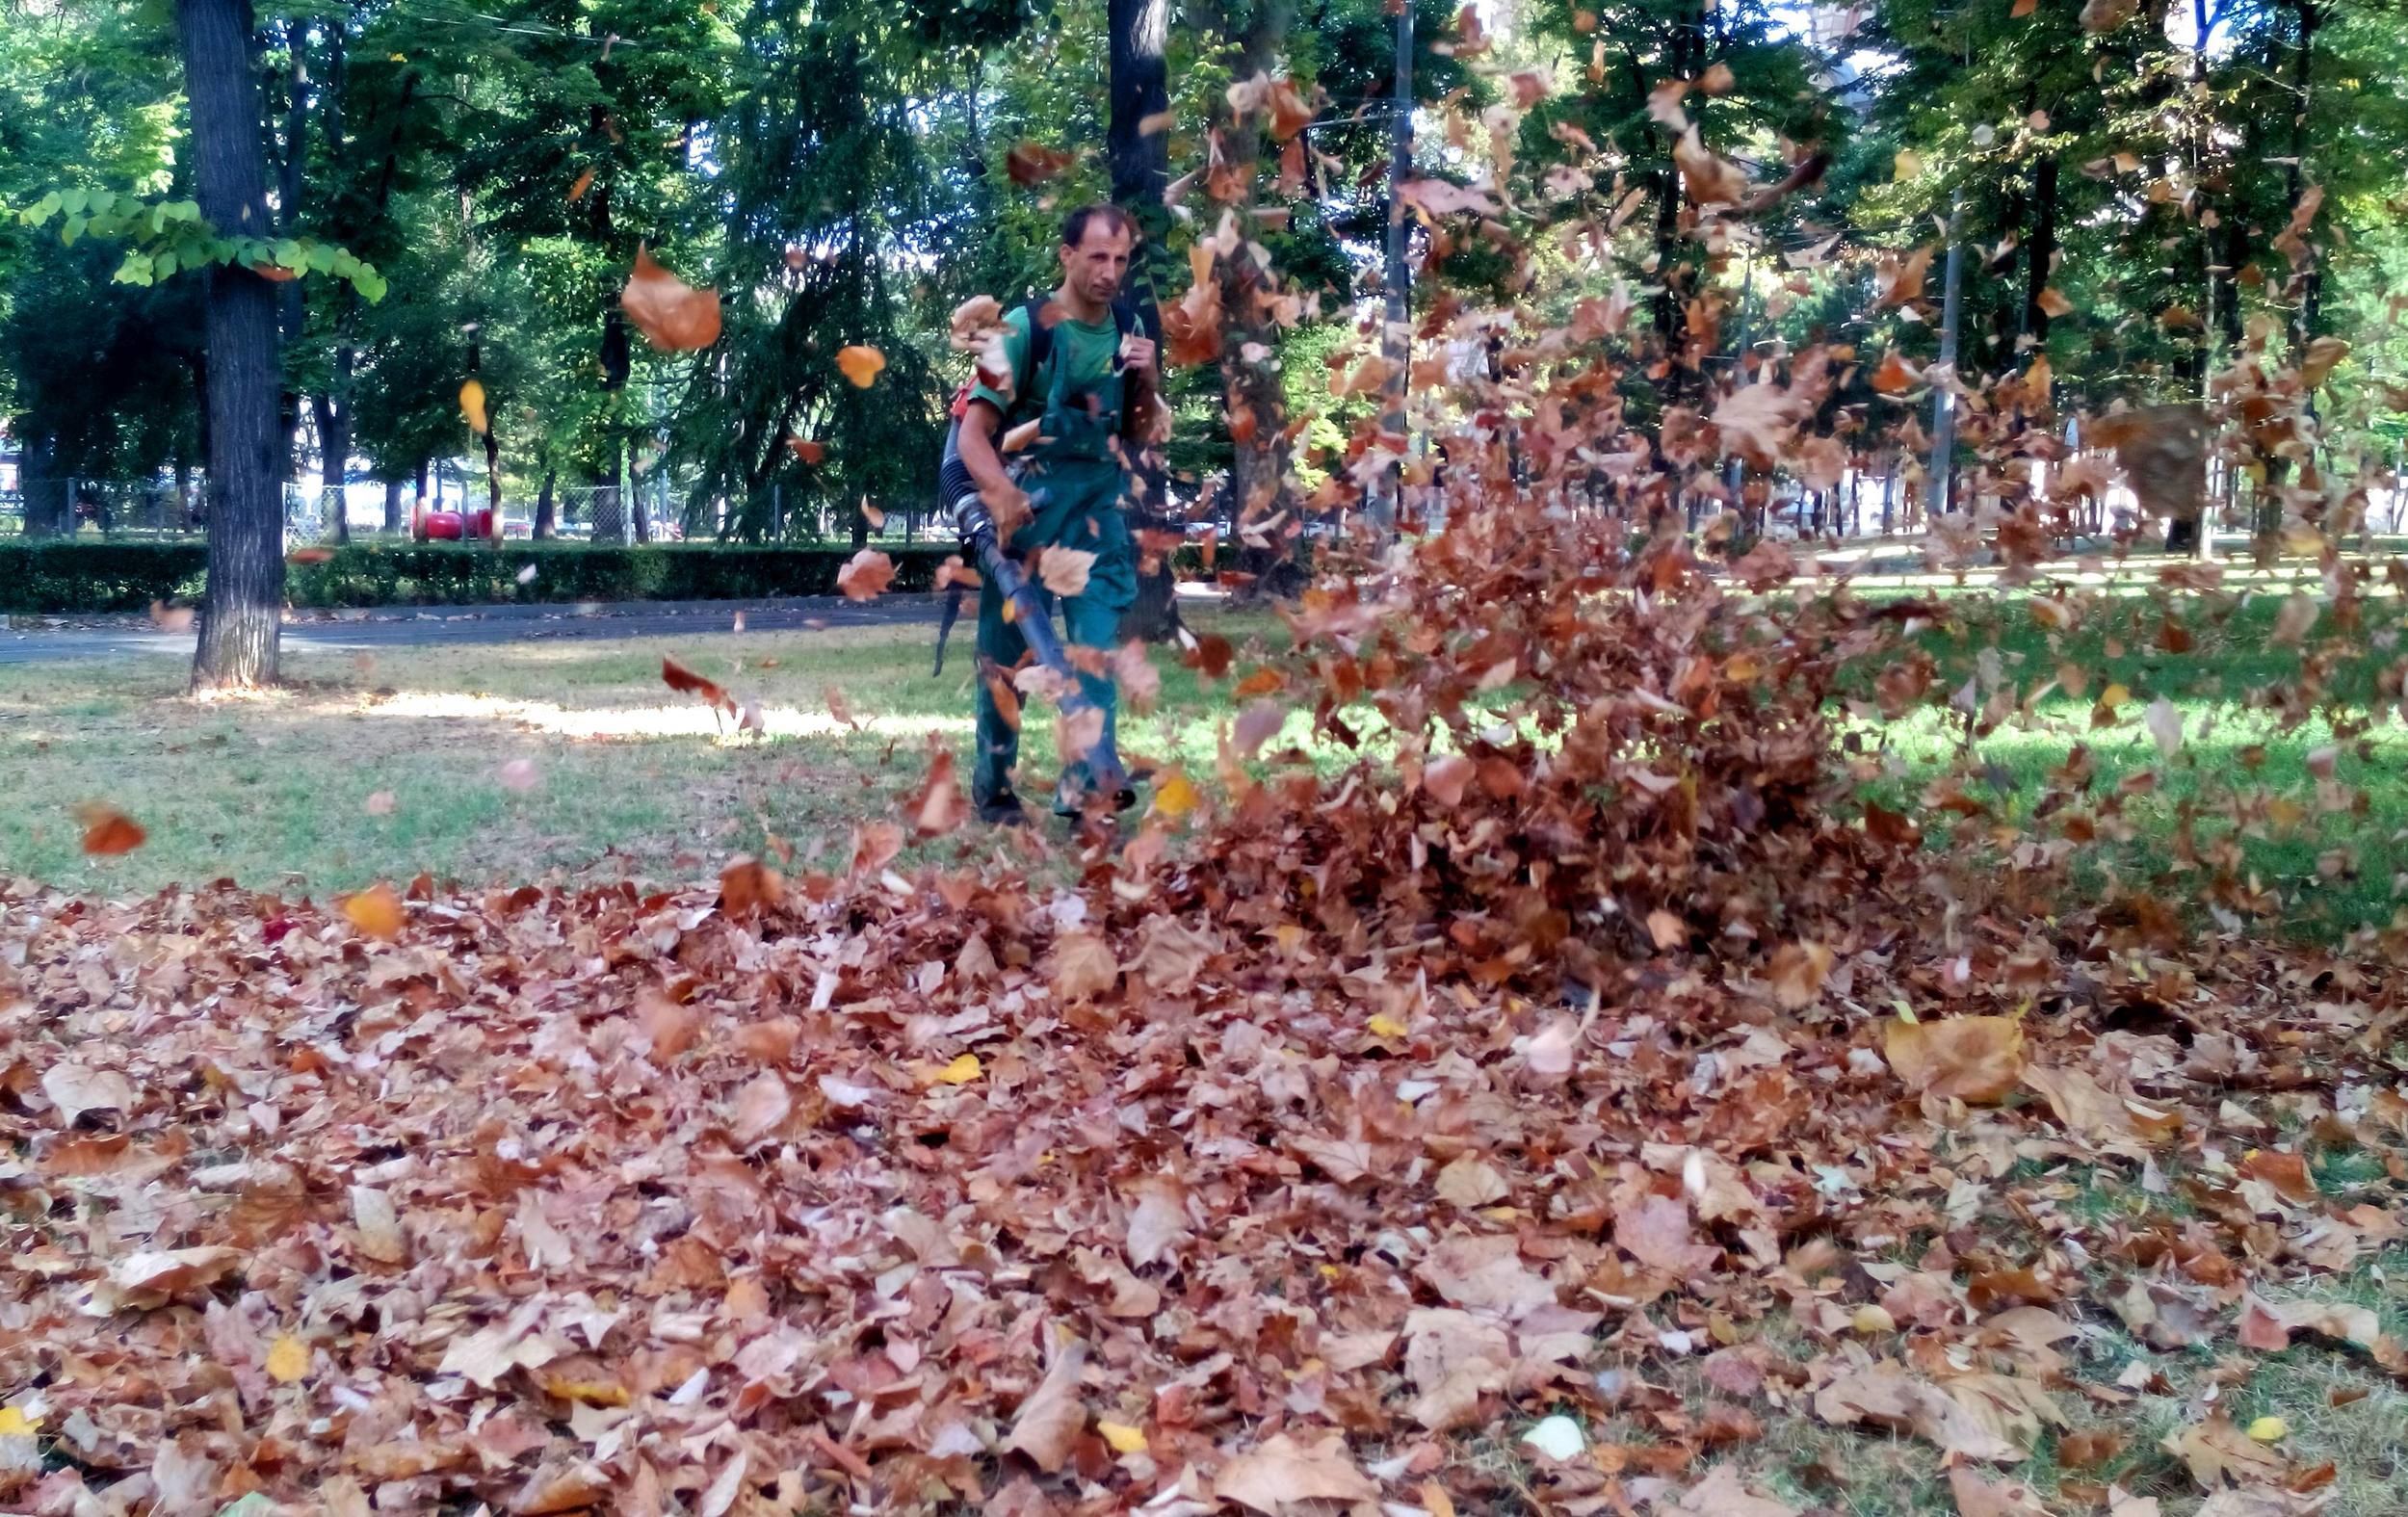 Dobre-vesti-Kisobrani-nam-nece-trebati-ovog-oktobra